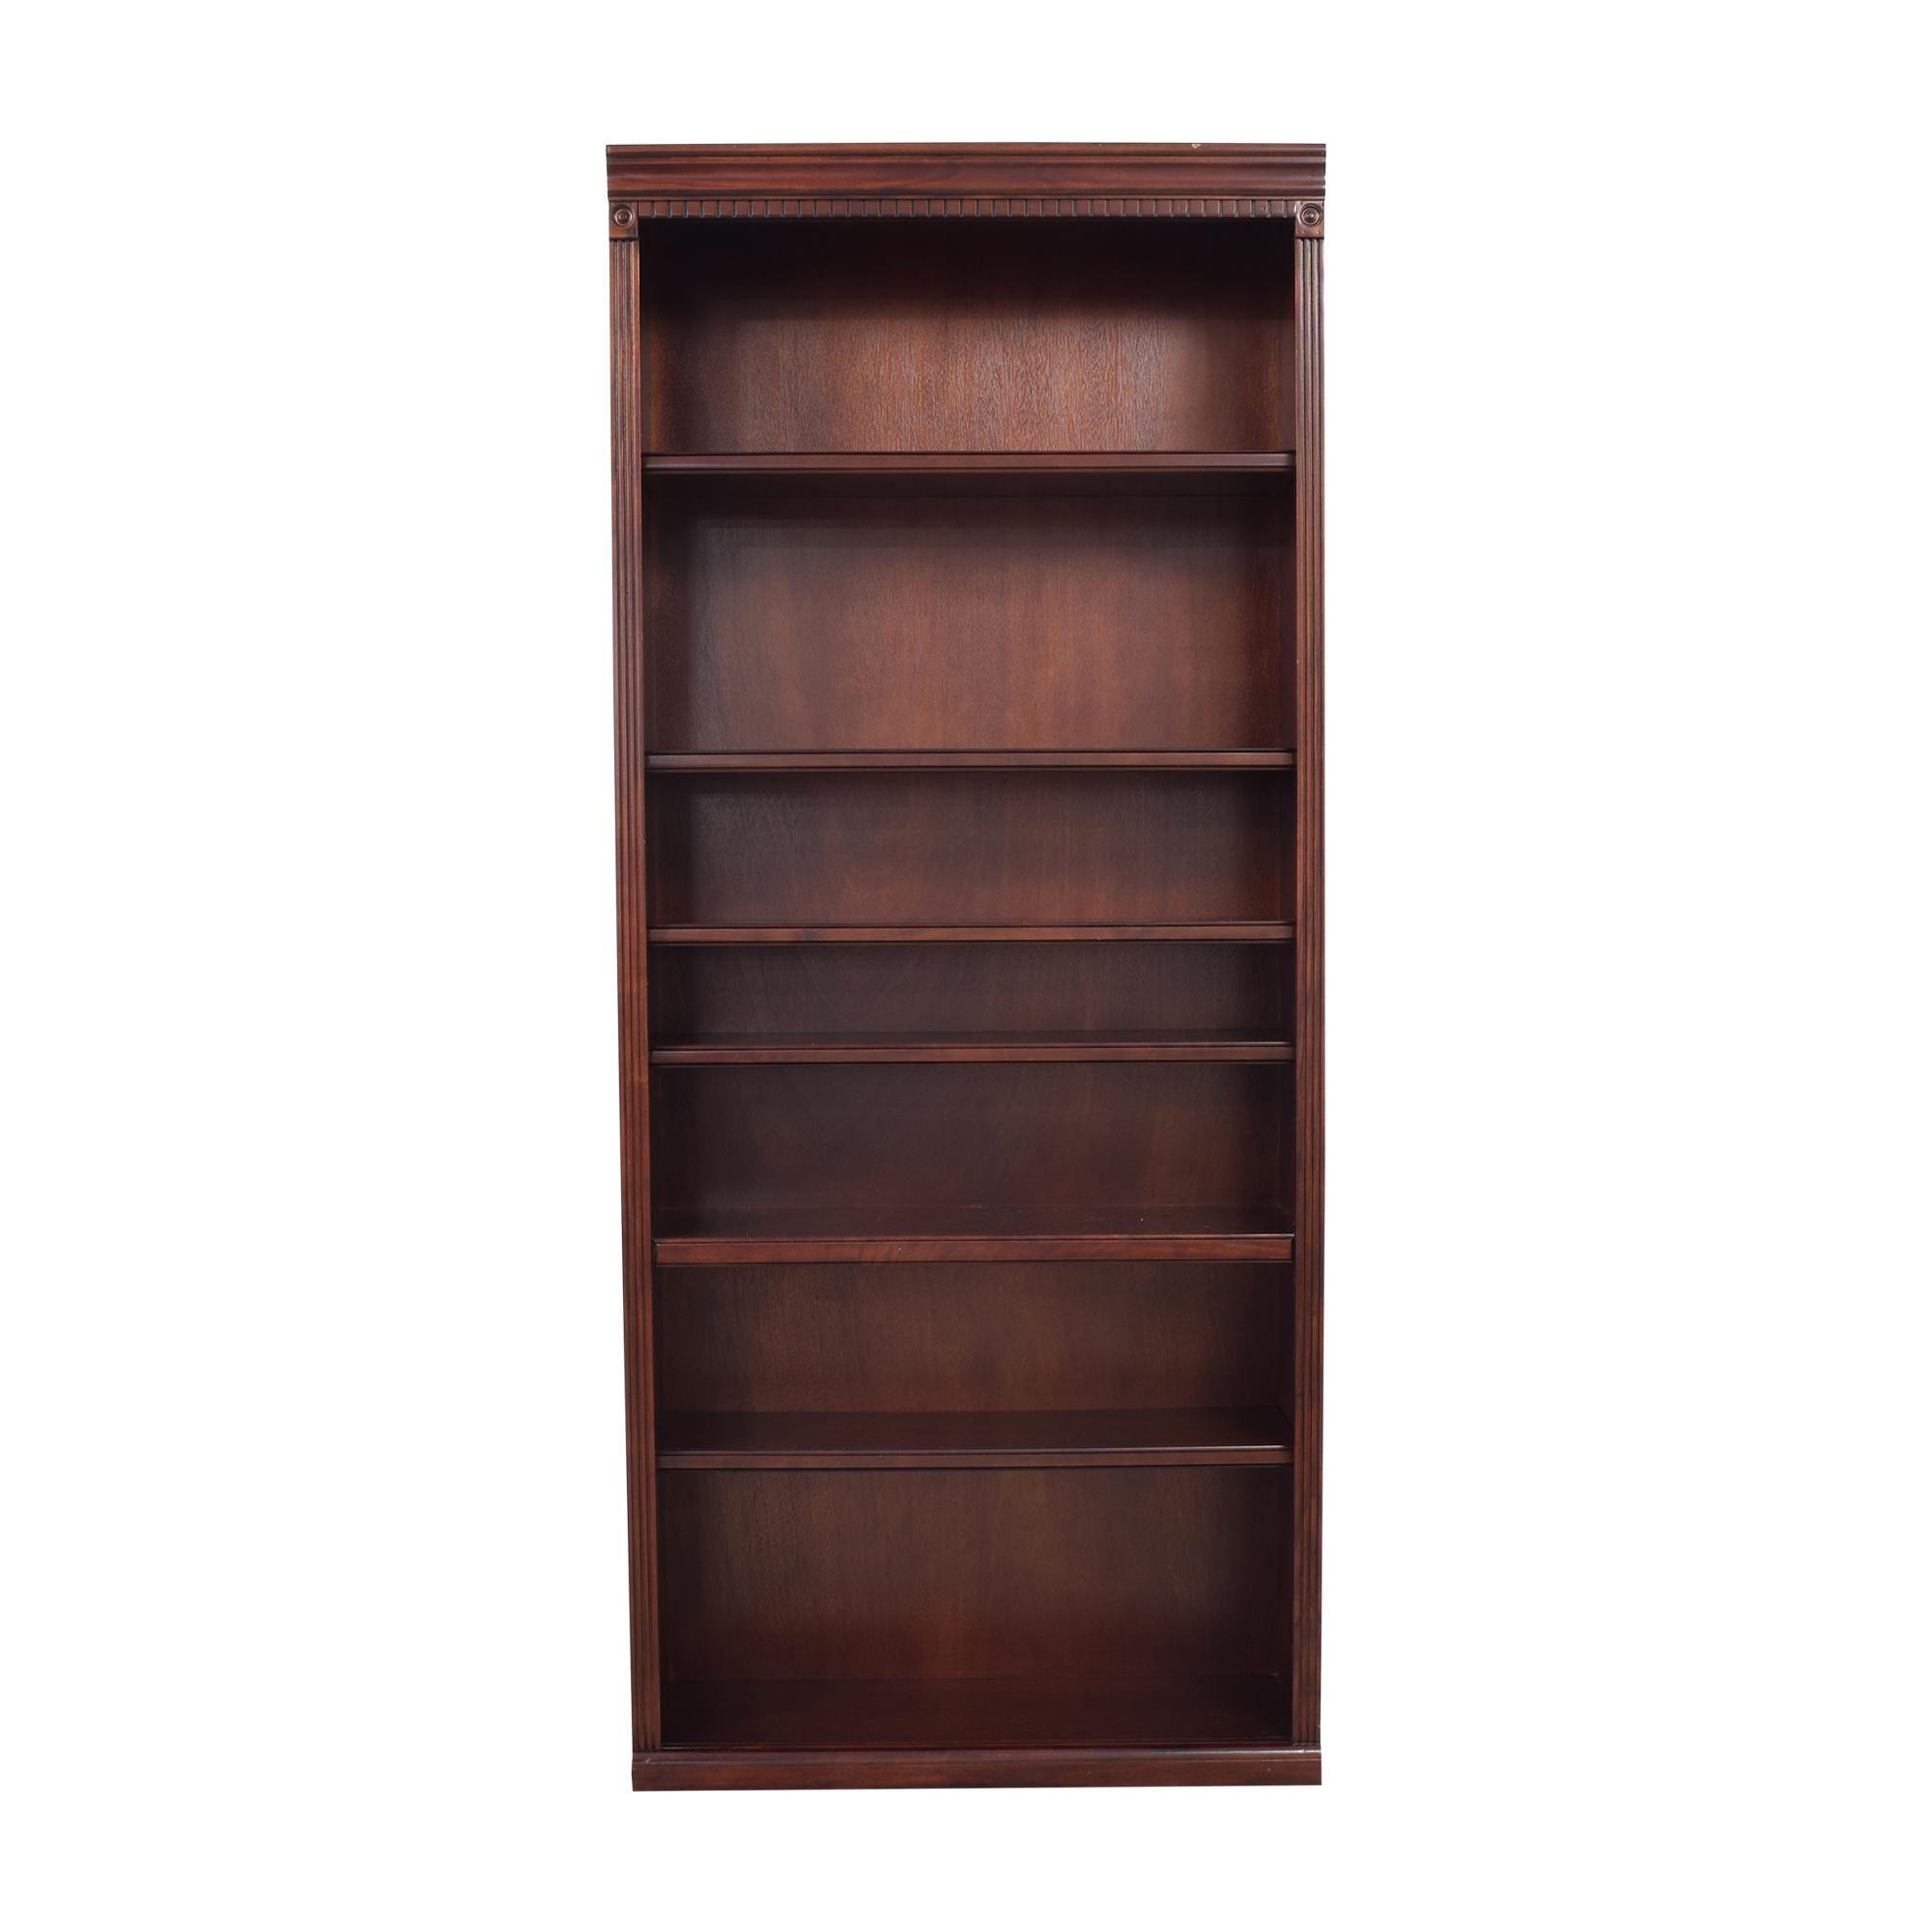 Huffman Koos Huffman Koos Tall Bookcase dimensions